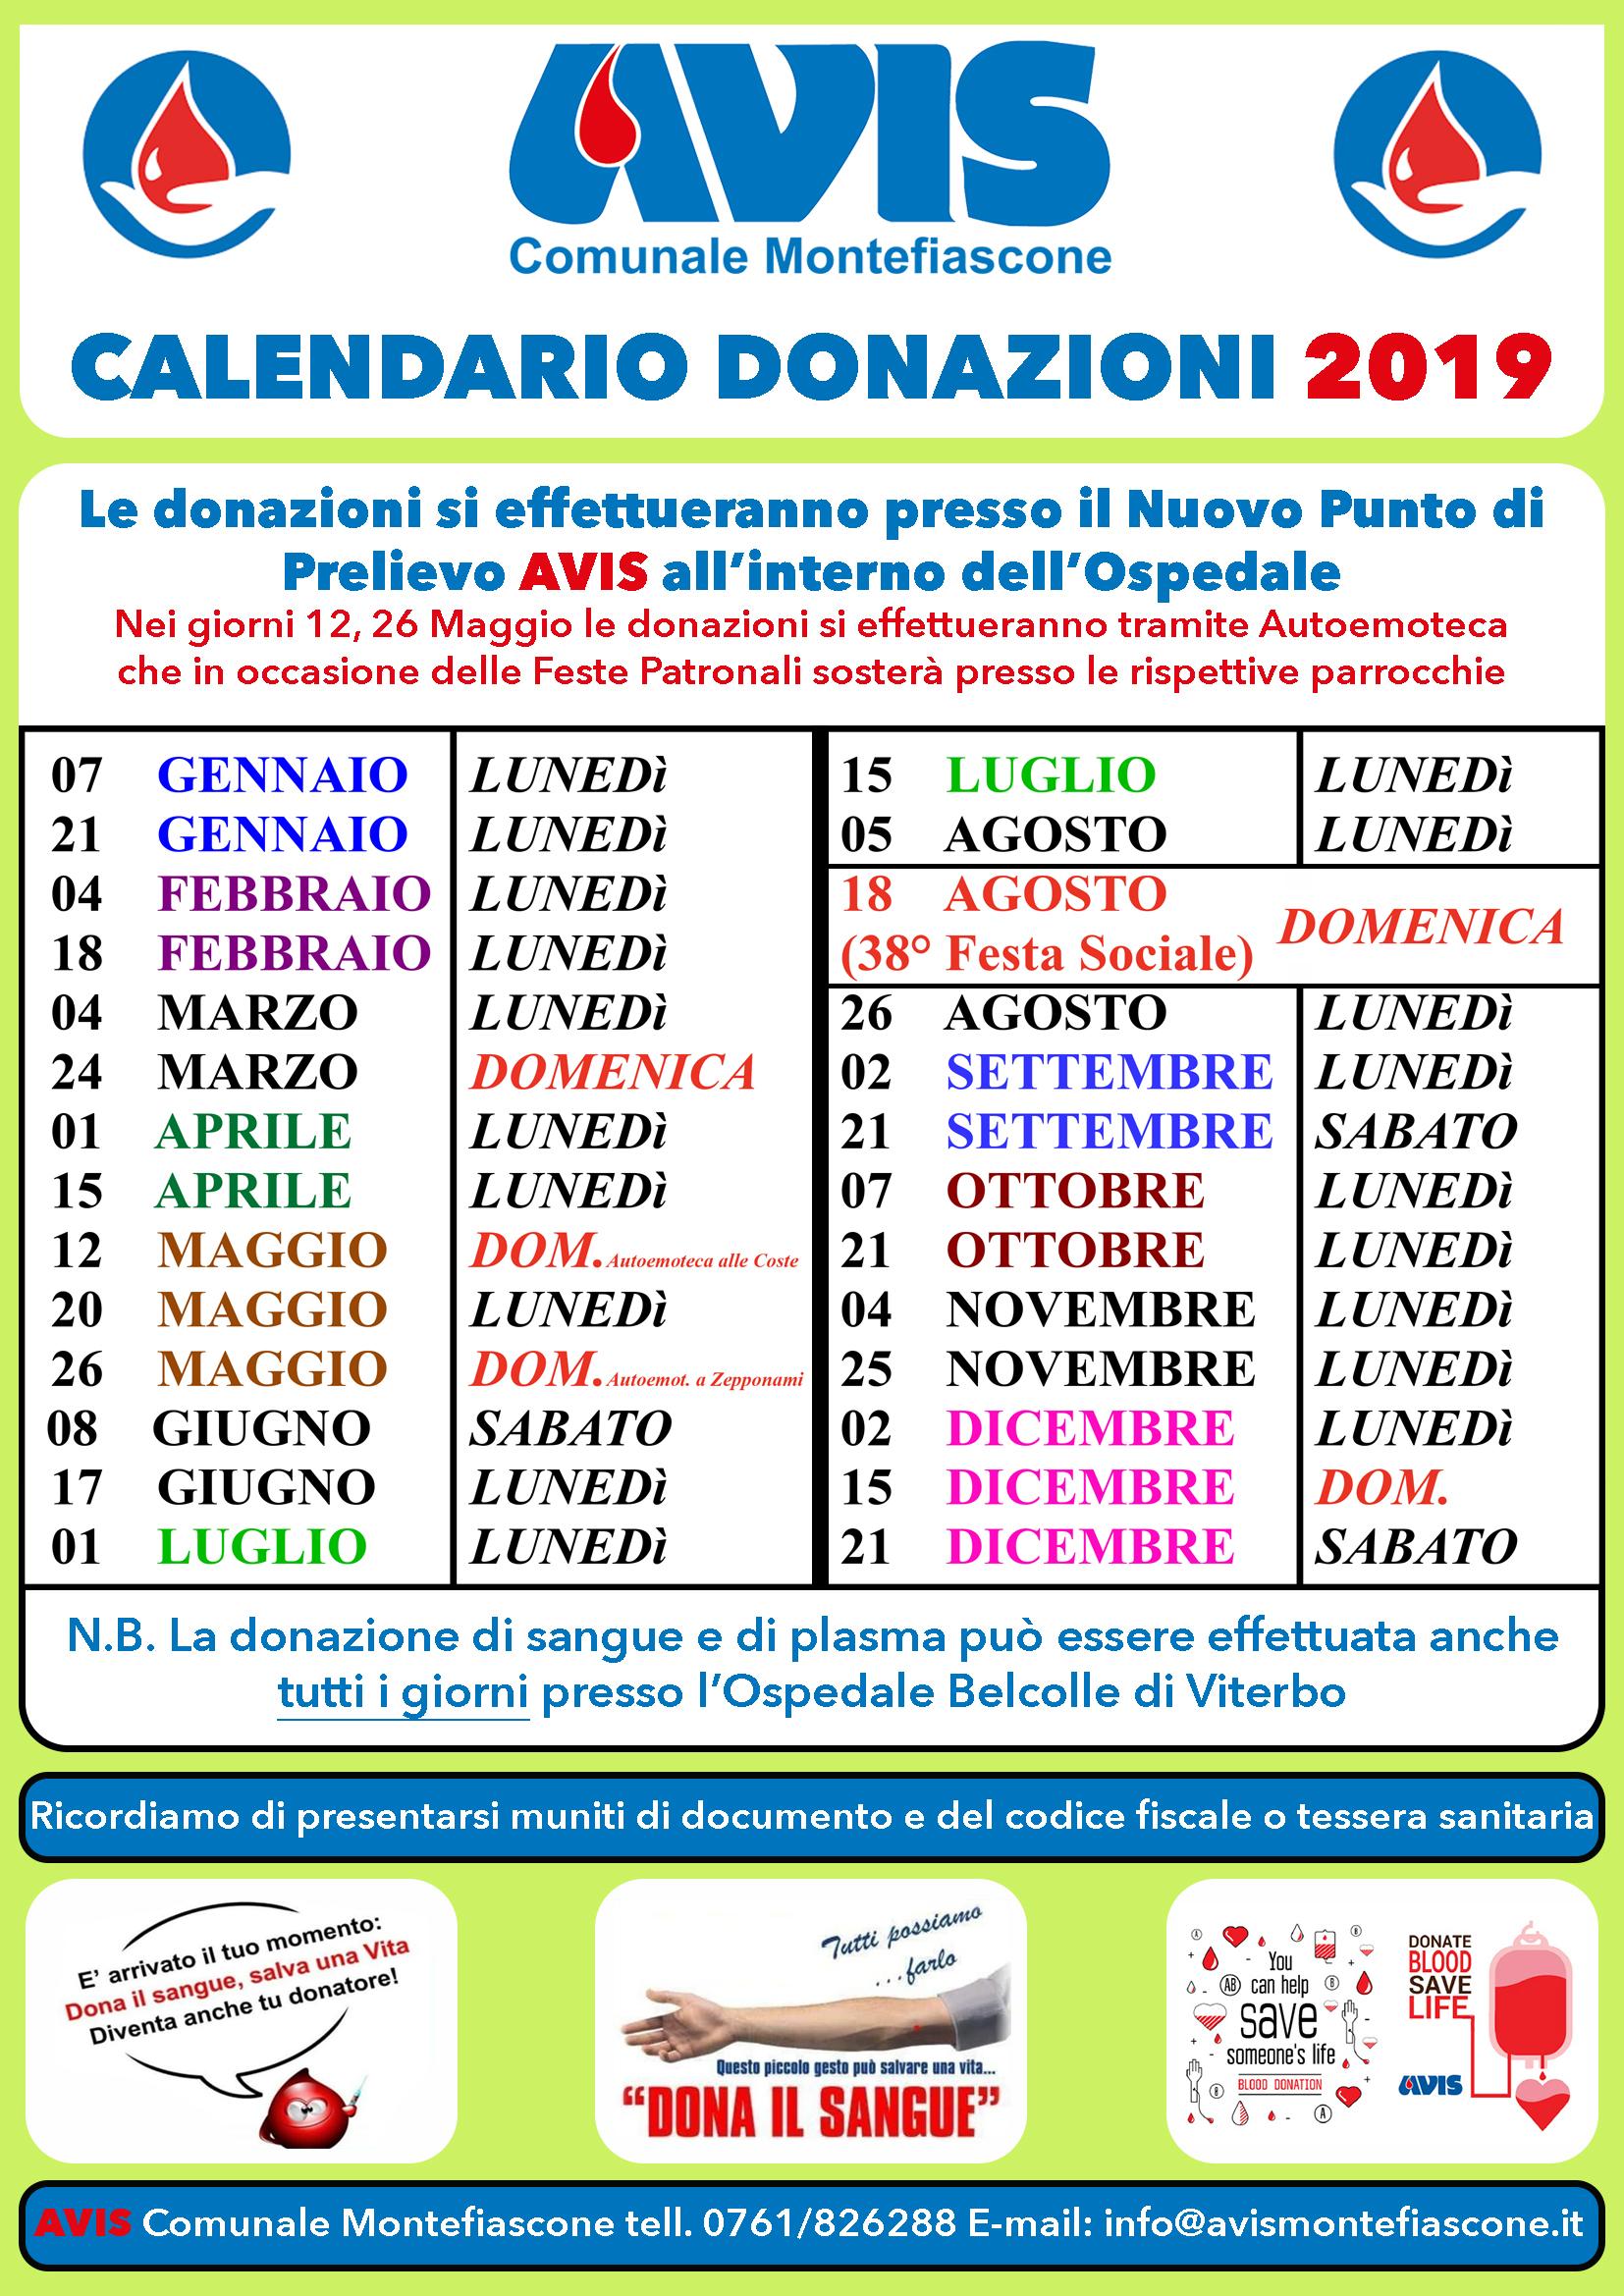 Calendario Maggio Giugno Luglio 2019.Calendario Donazioni Avis Comunale Montefiascone